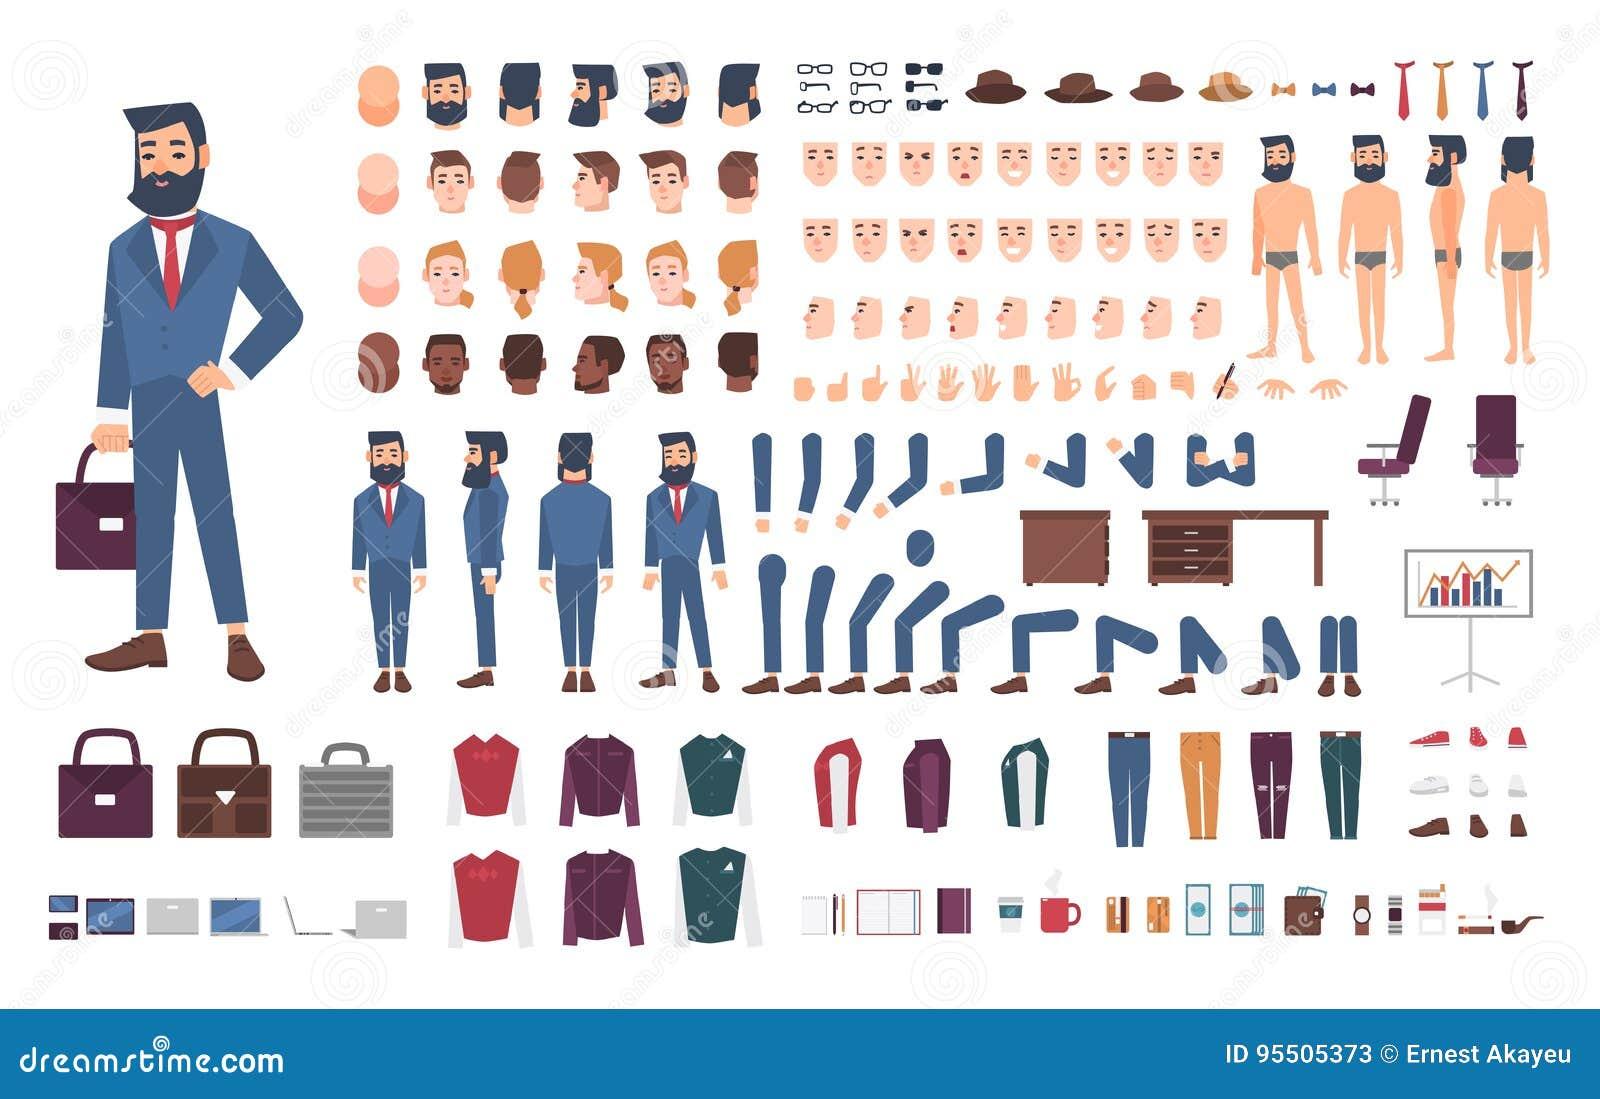 Biznesmena charakteru konstruktor Męski urzędnika tworzenia set Różne postury, fryzura, twarz, nogi, ręki